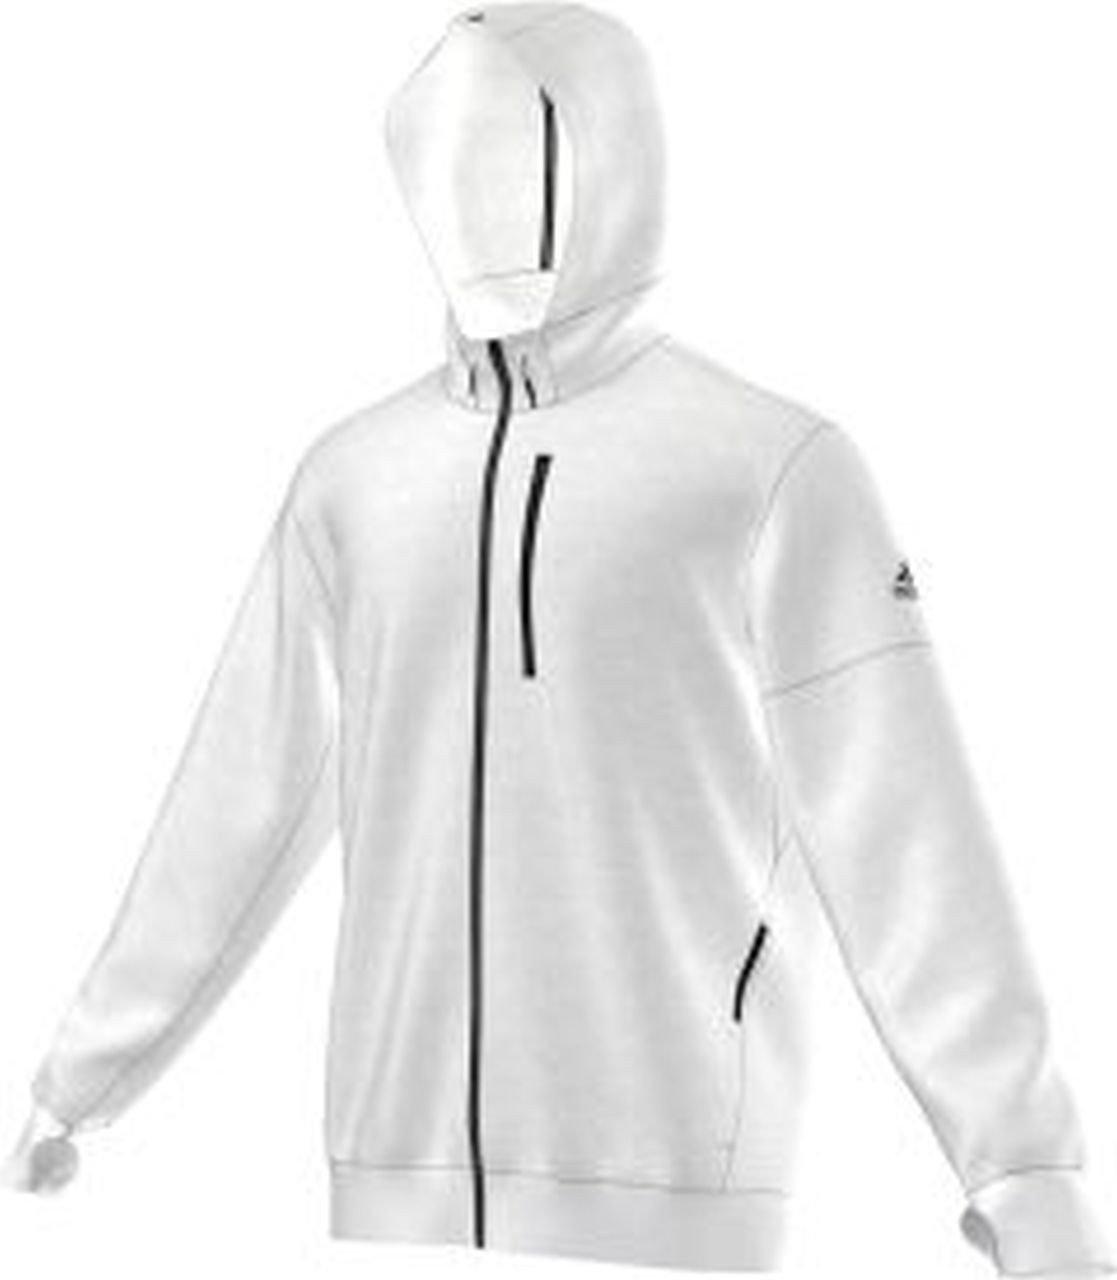 Adidas Premium Hoody – white/black günstig bestellen